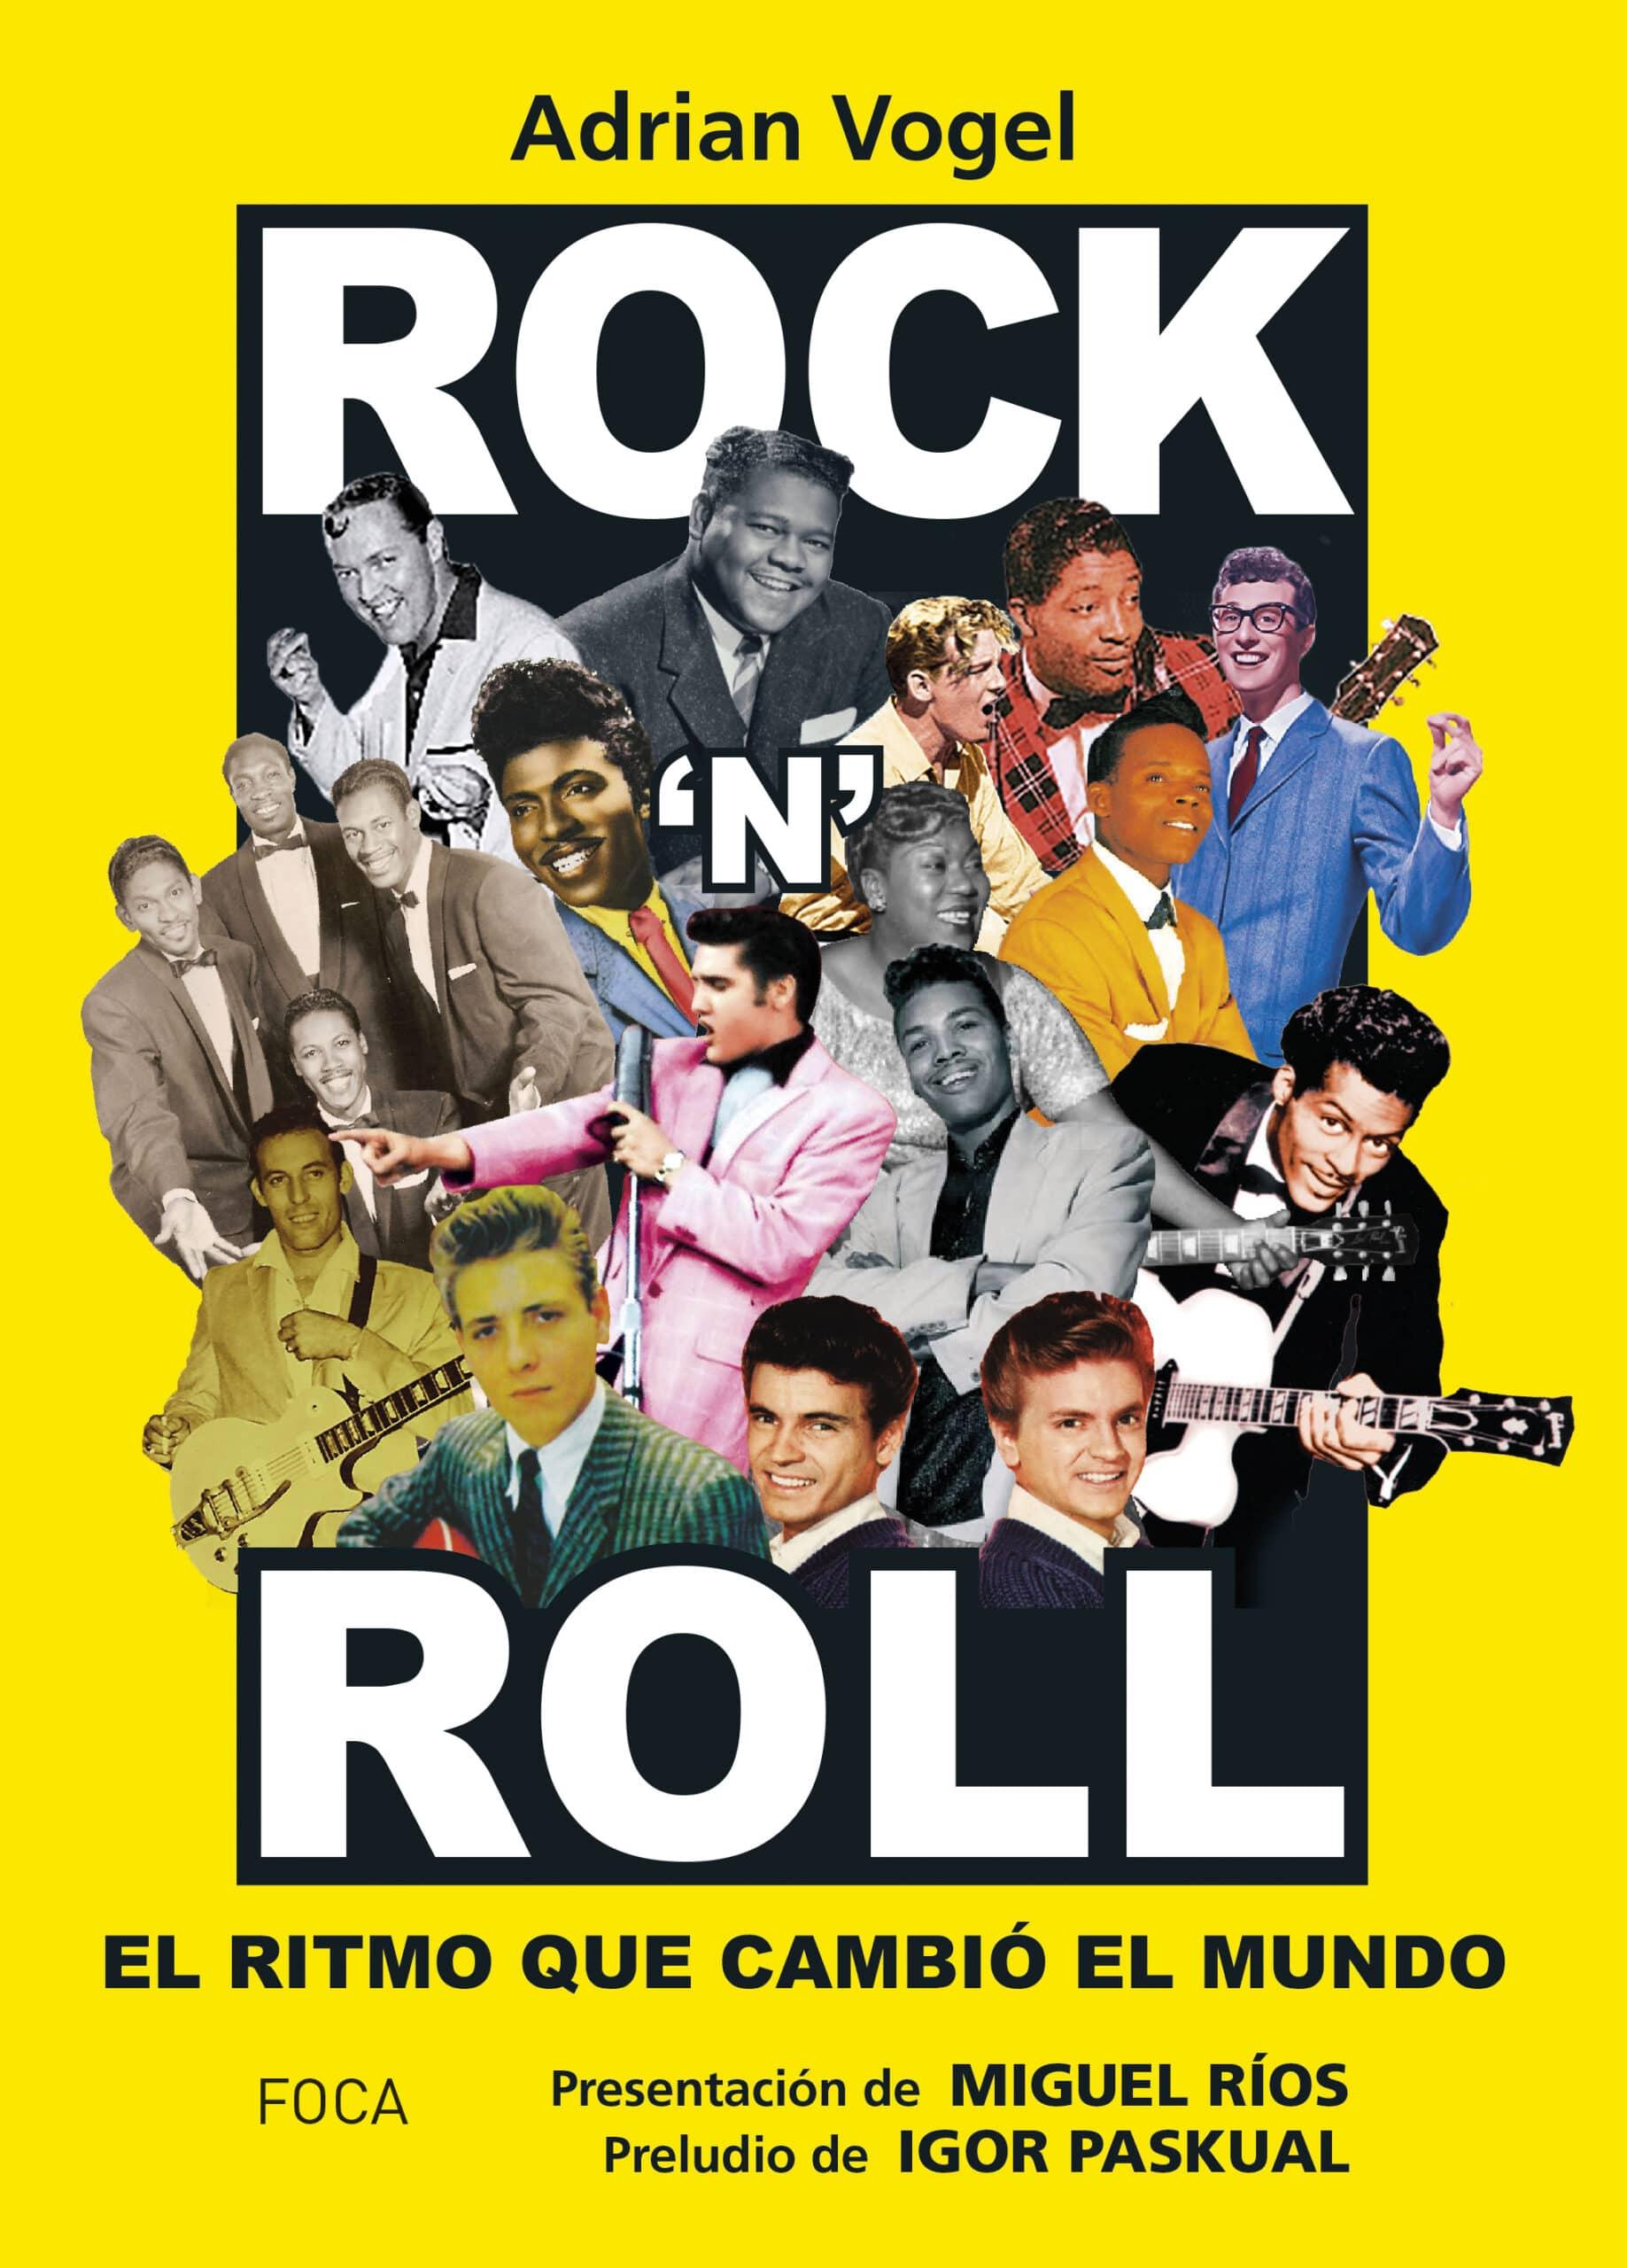 Rock n roll El ritmo que cambió el mundo